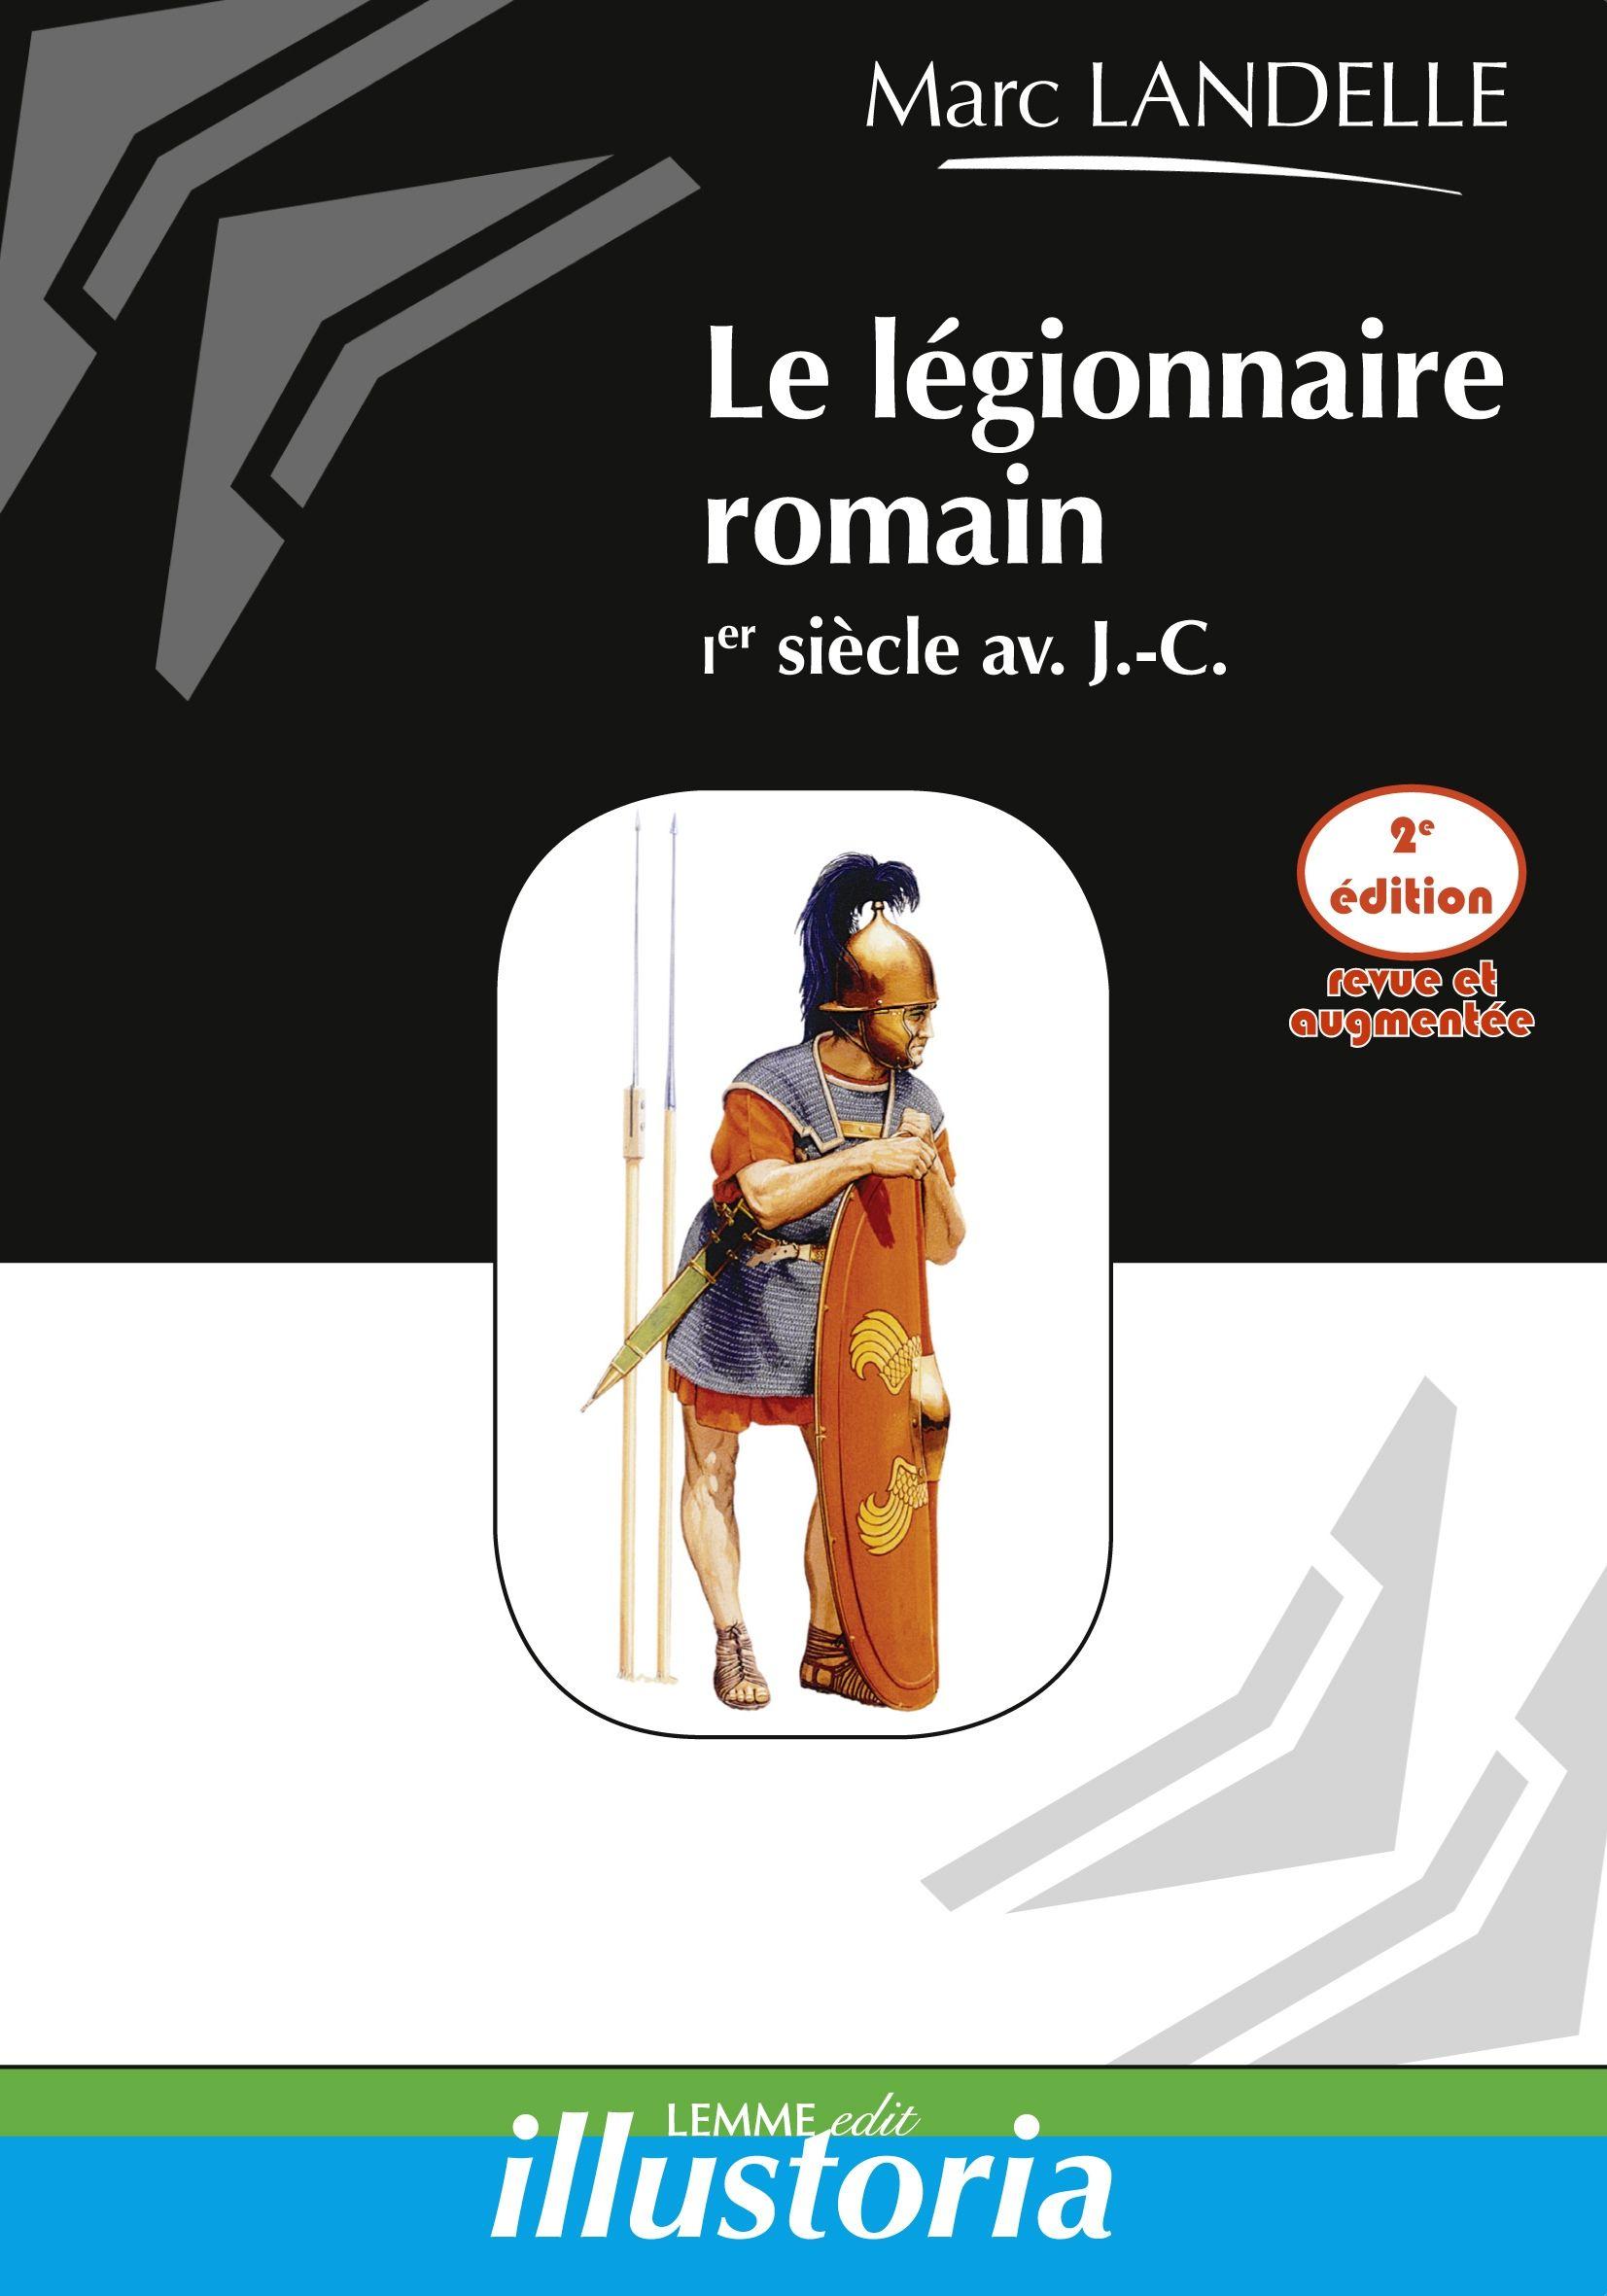 Le légionnaire romain (2e éd.), Marc Landelle, ouvrage histoire ancienne, histoire romaine, Rome, Gaulois, Jules César.